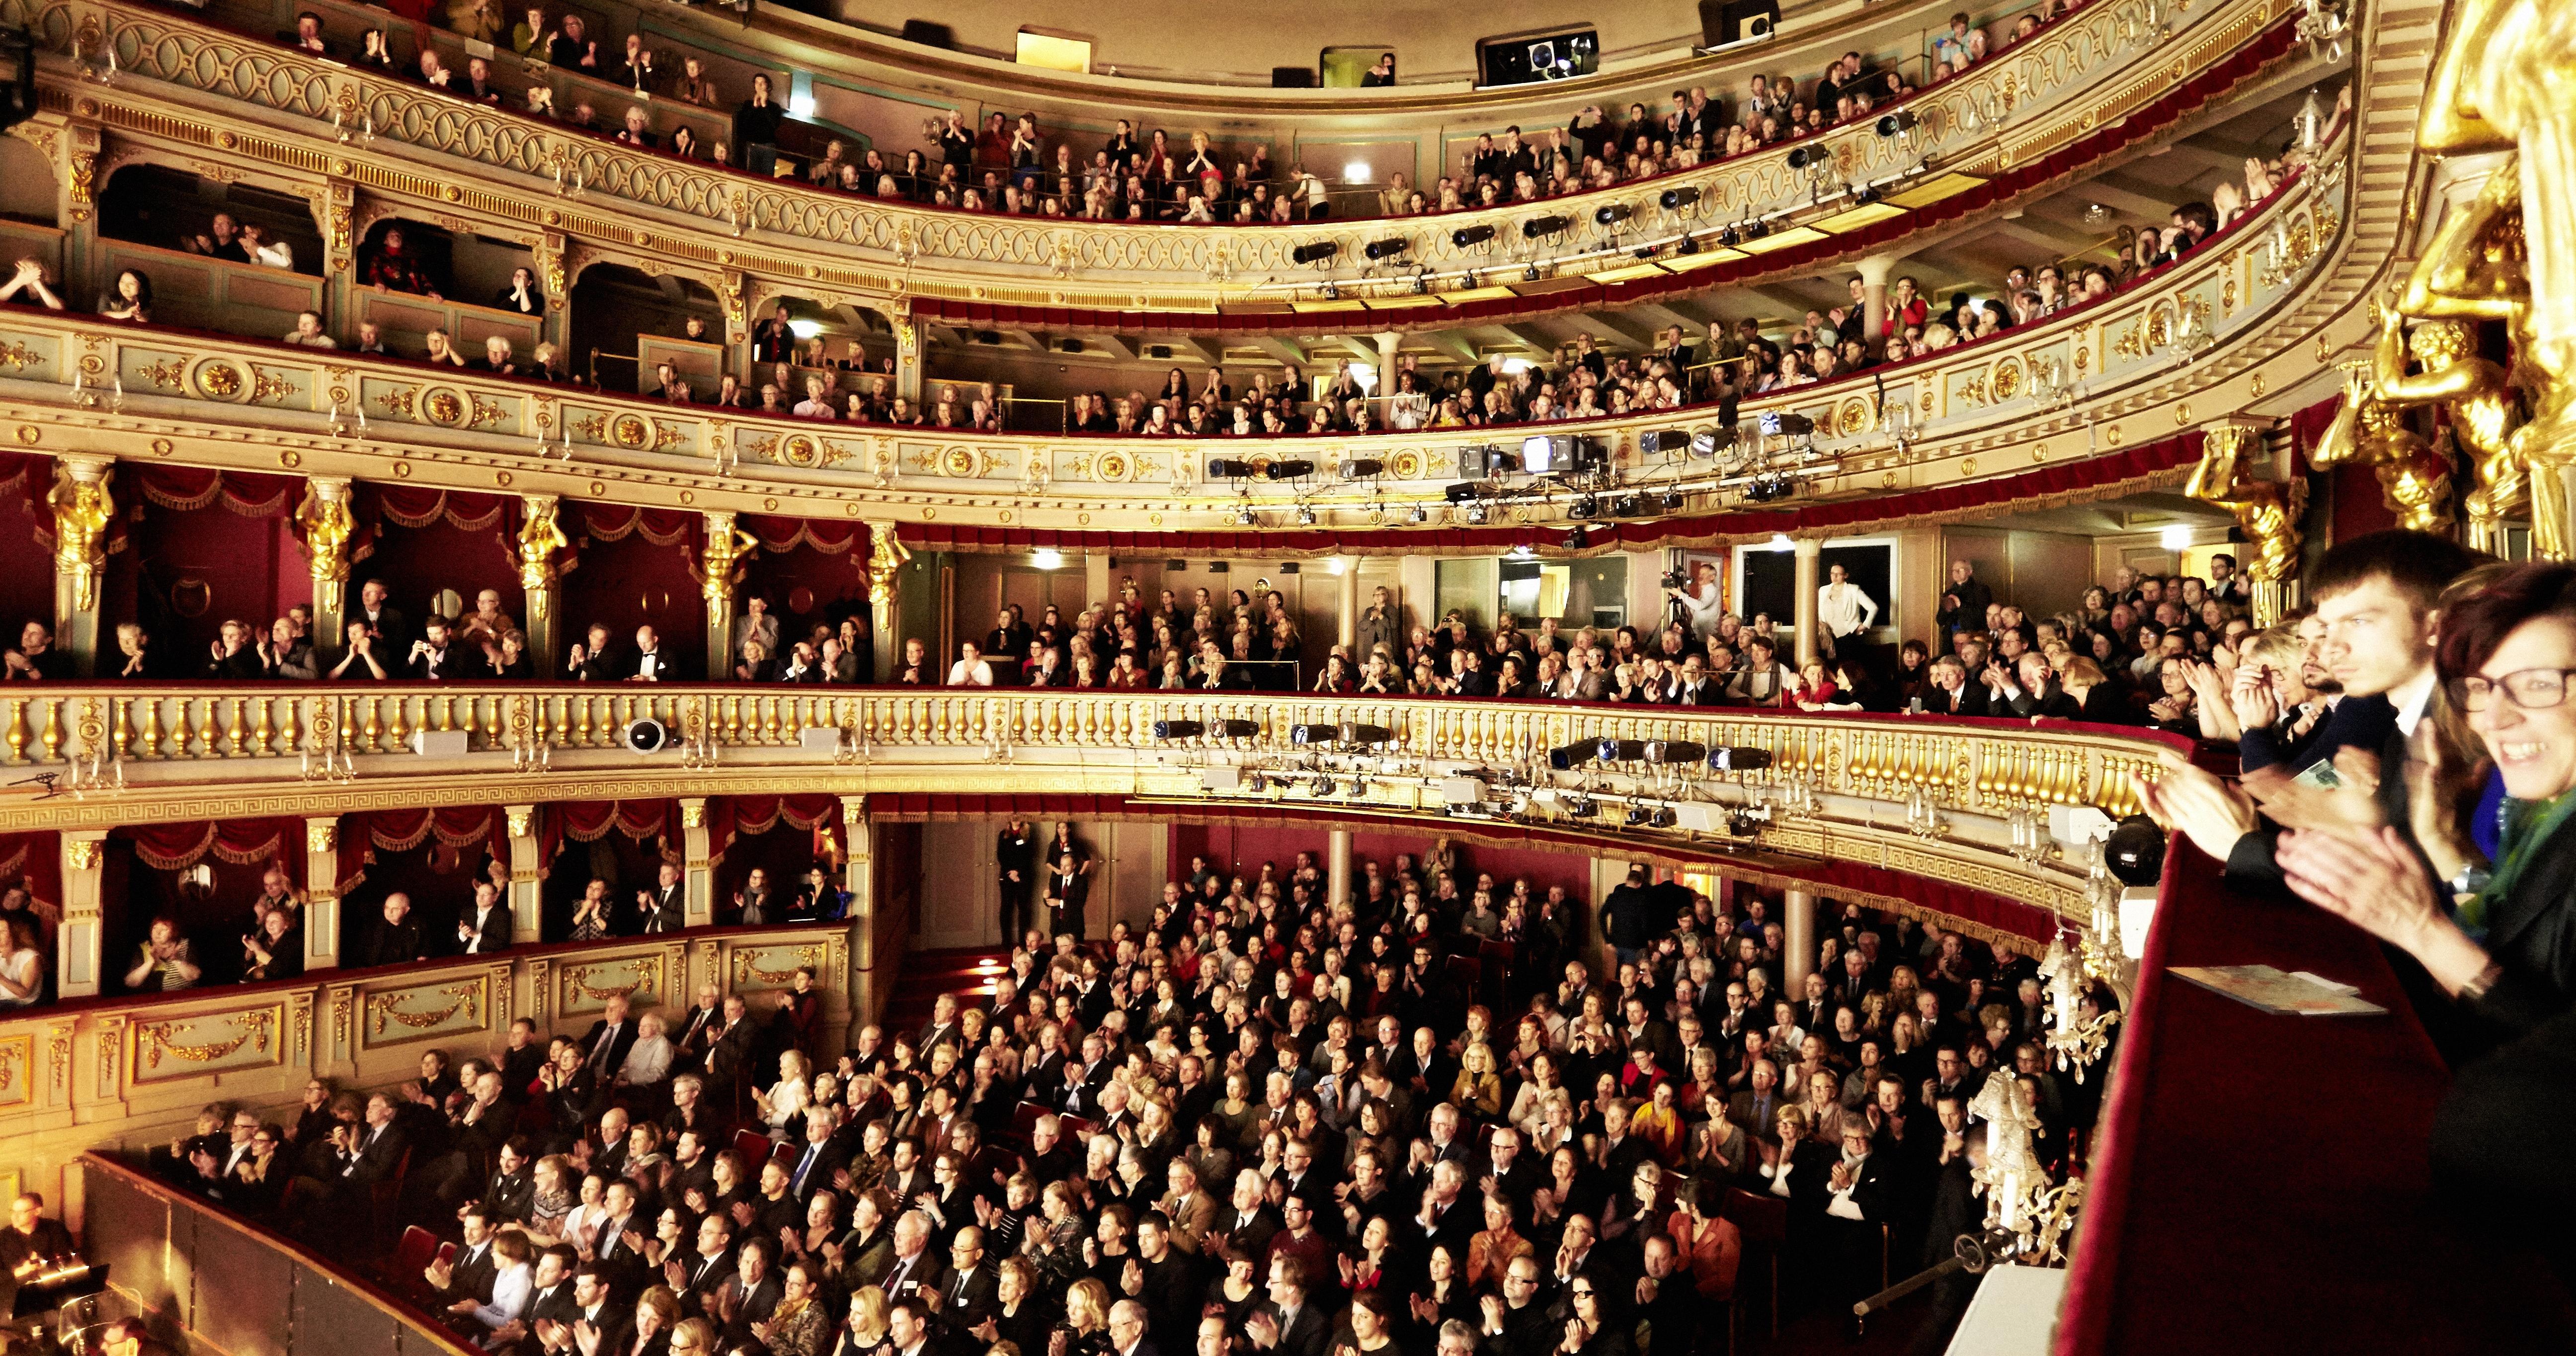 theater-an-der-wien-innen-oper-buehne-19to1.jpeg